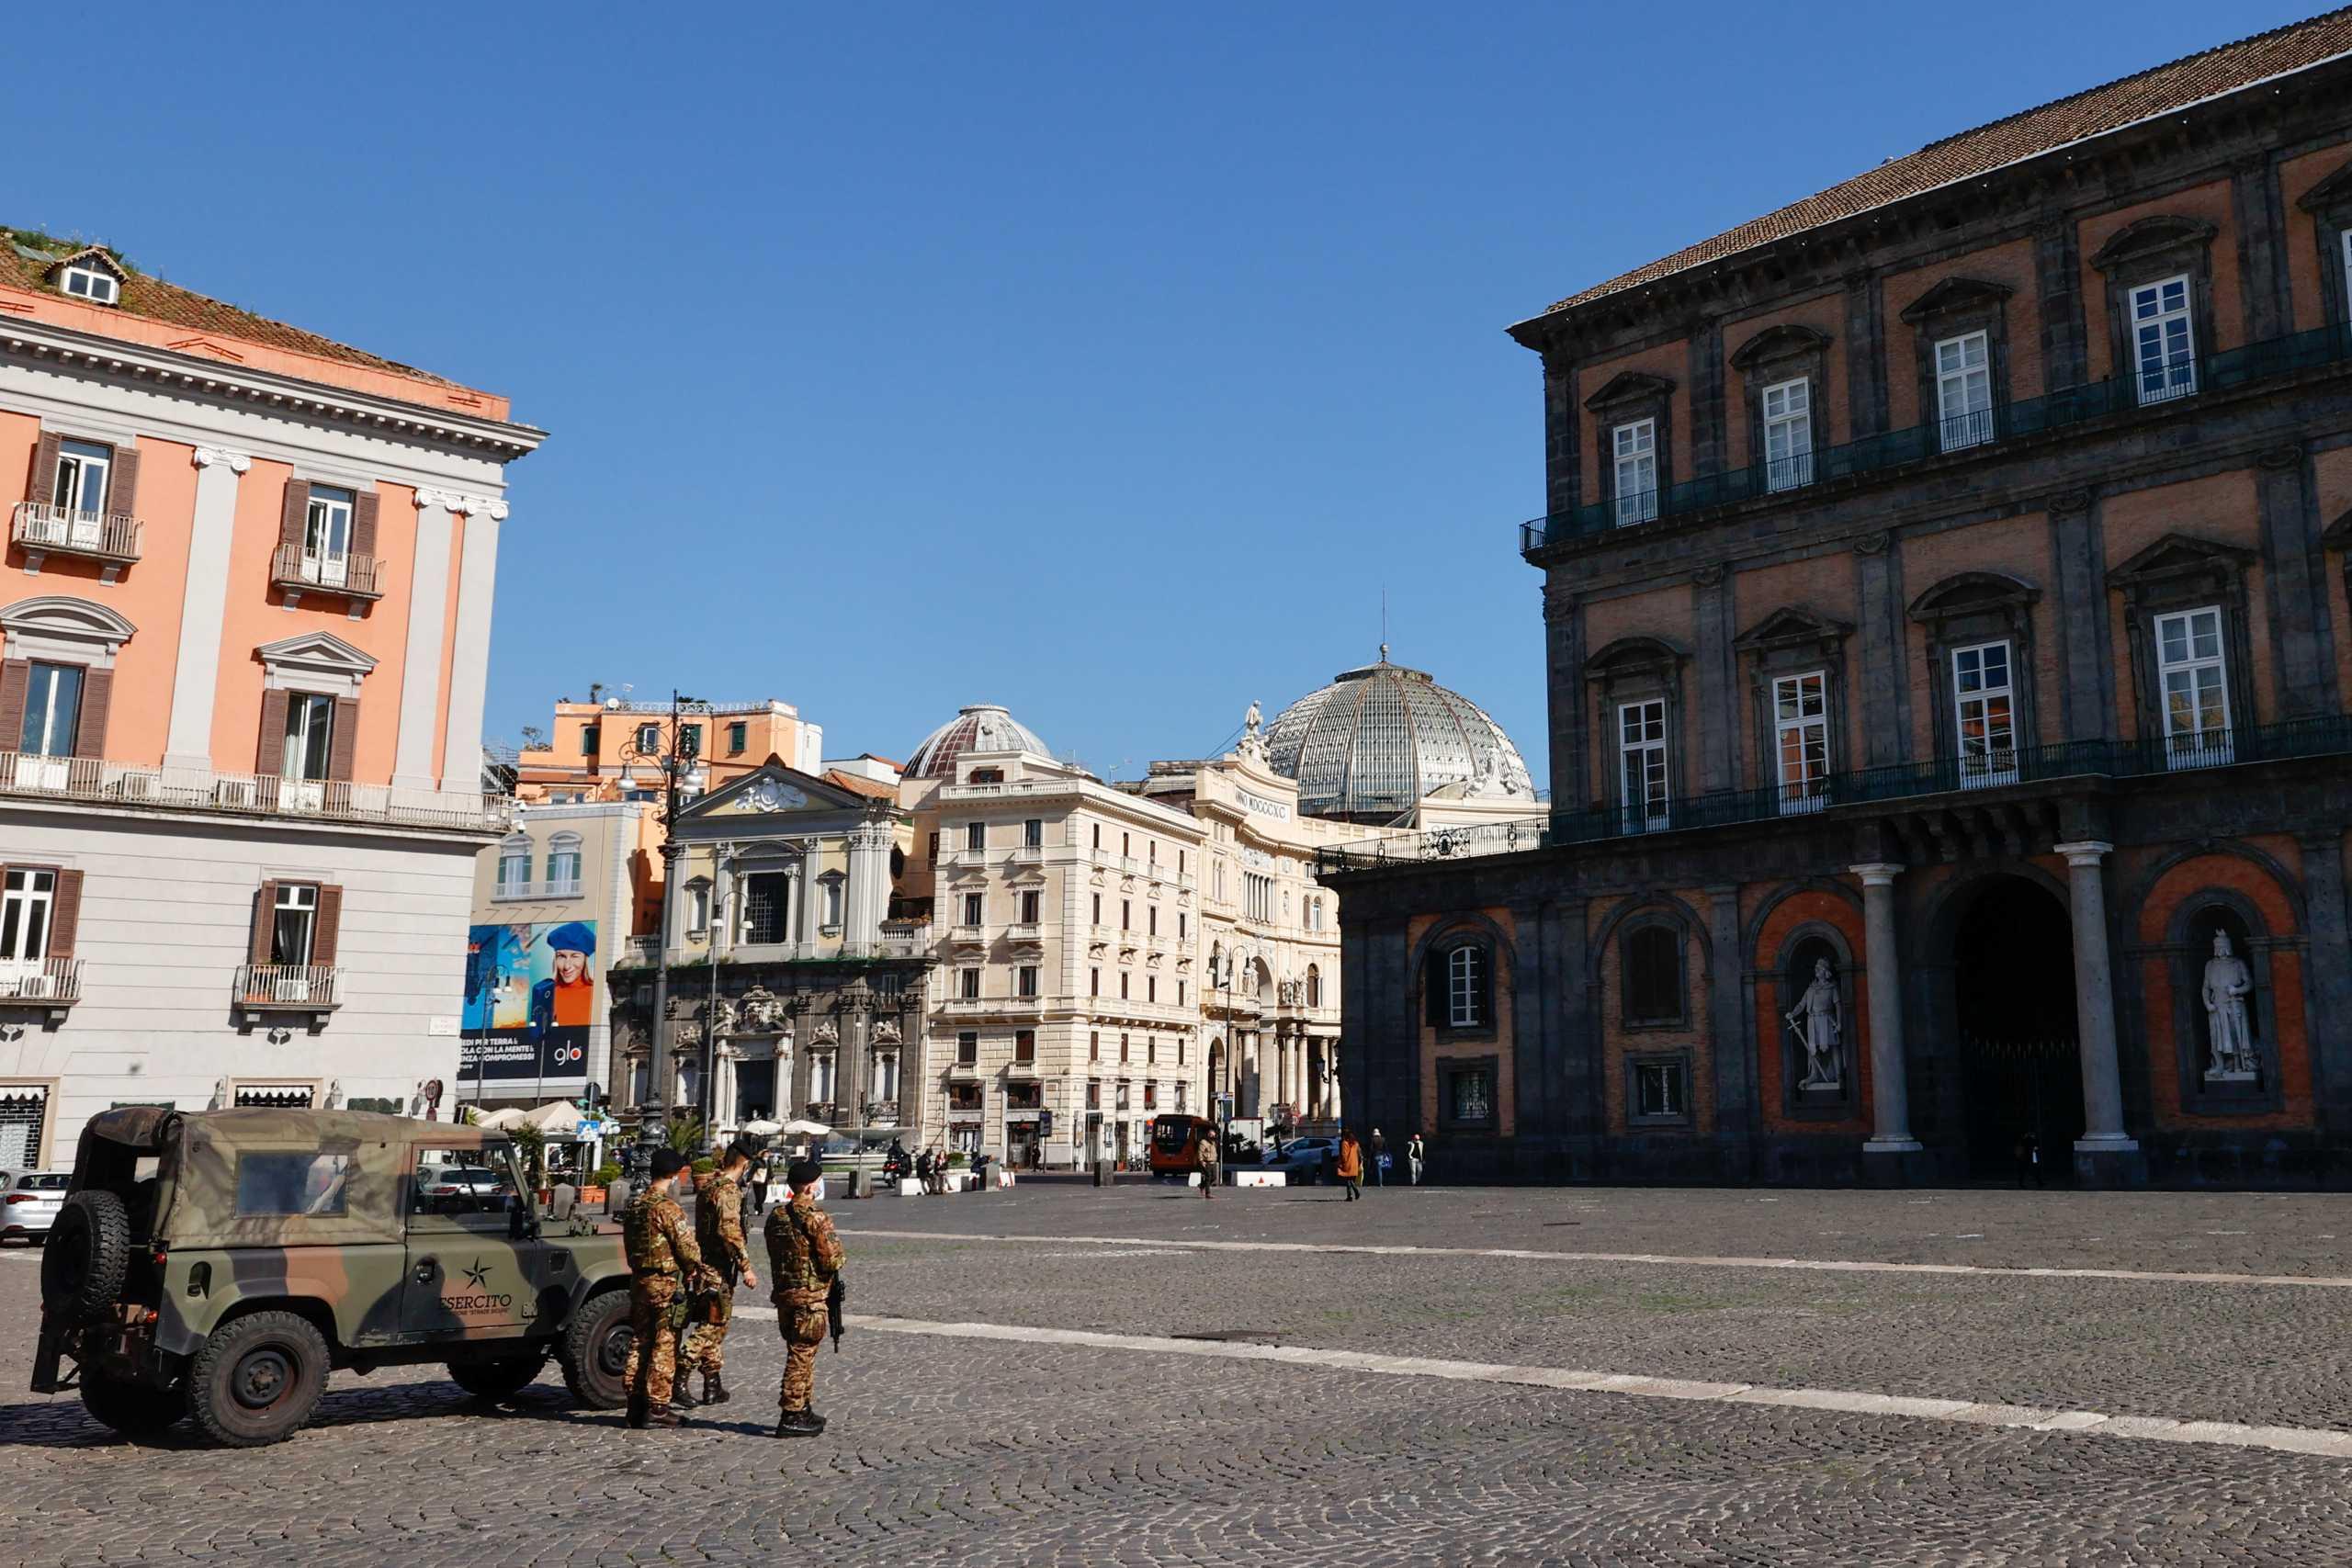 Ιταλία: 386 νεκροί και πάνω από 13.800 νέα κρούσματα